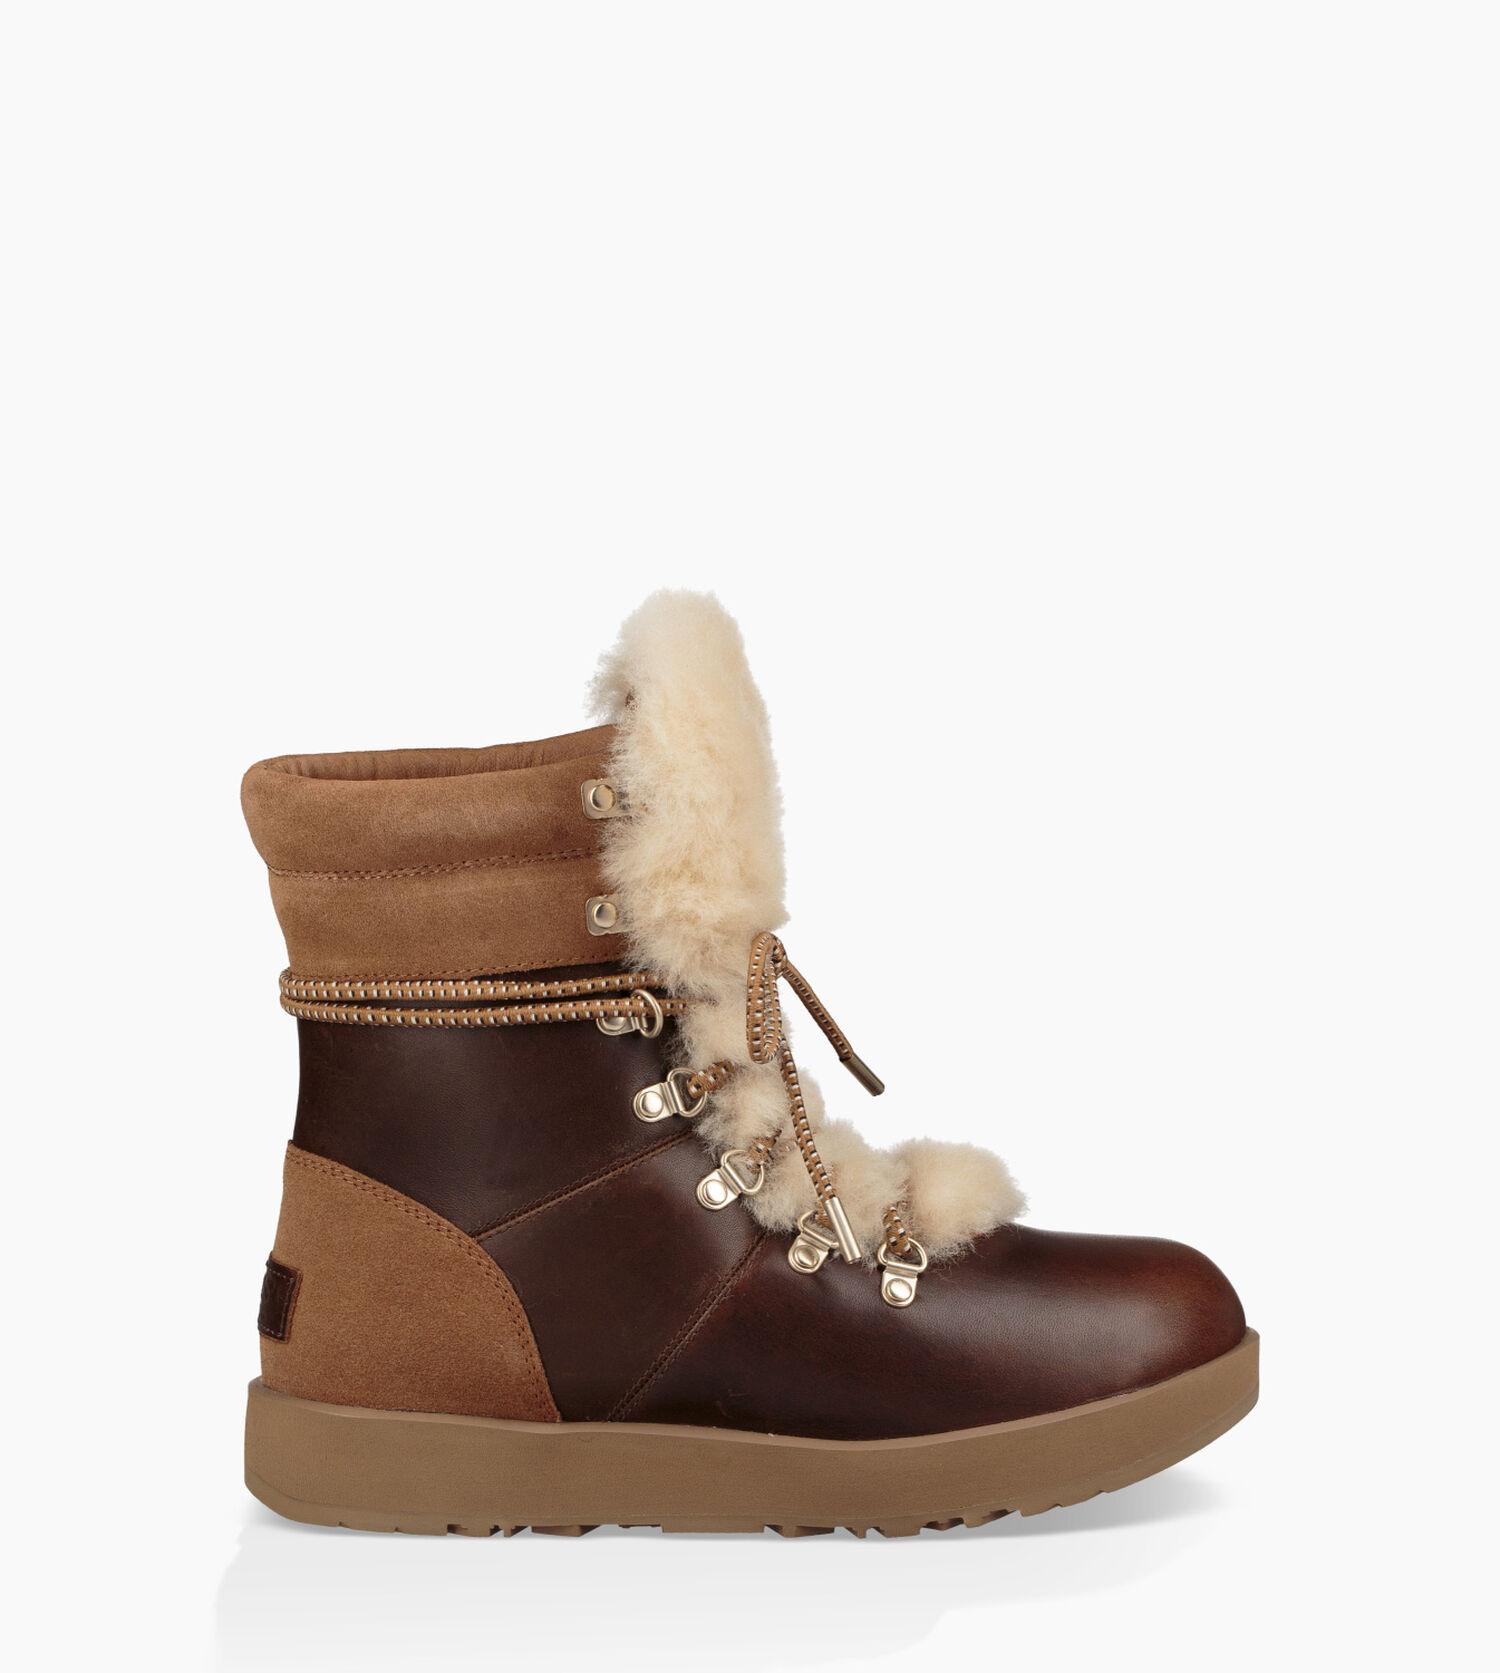 9f6e051c6c7 Women's Share this product Viki Waterproof Boot